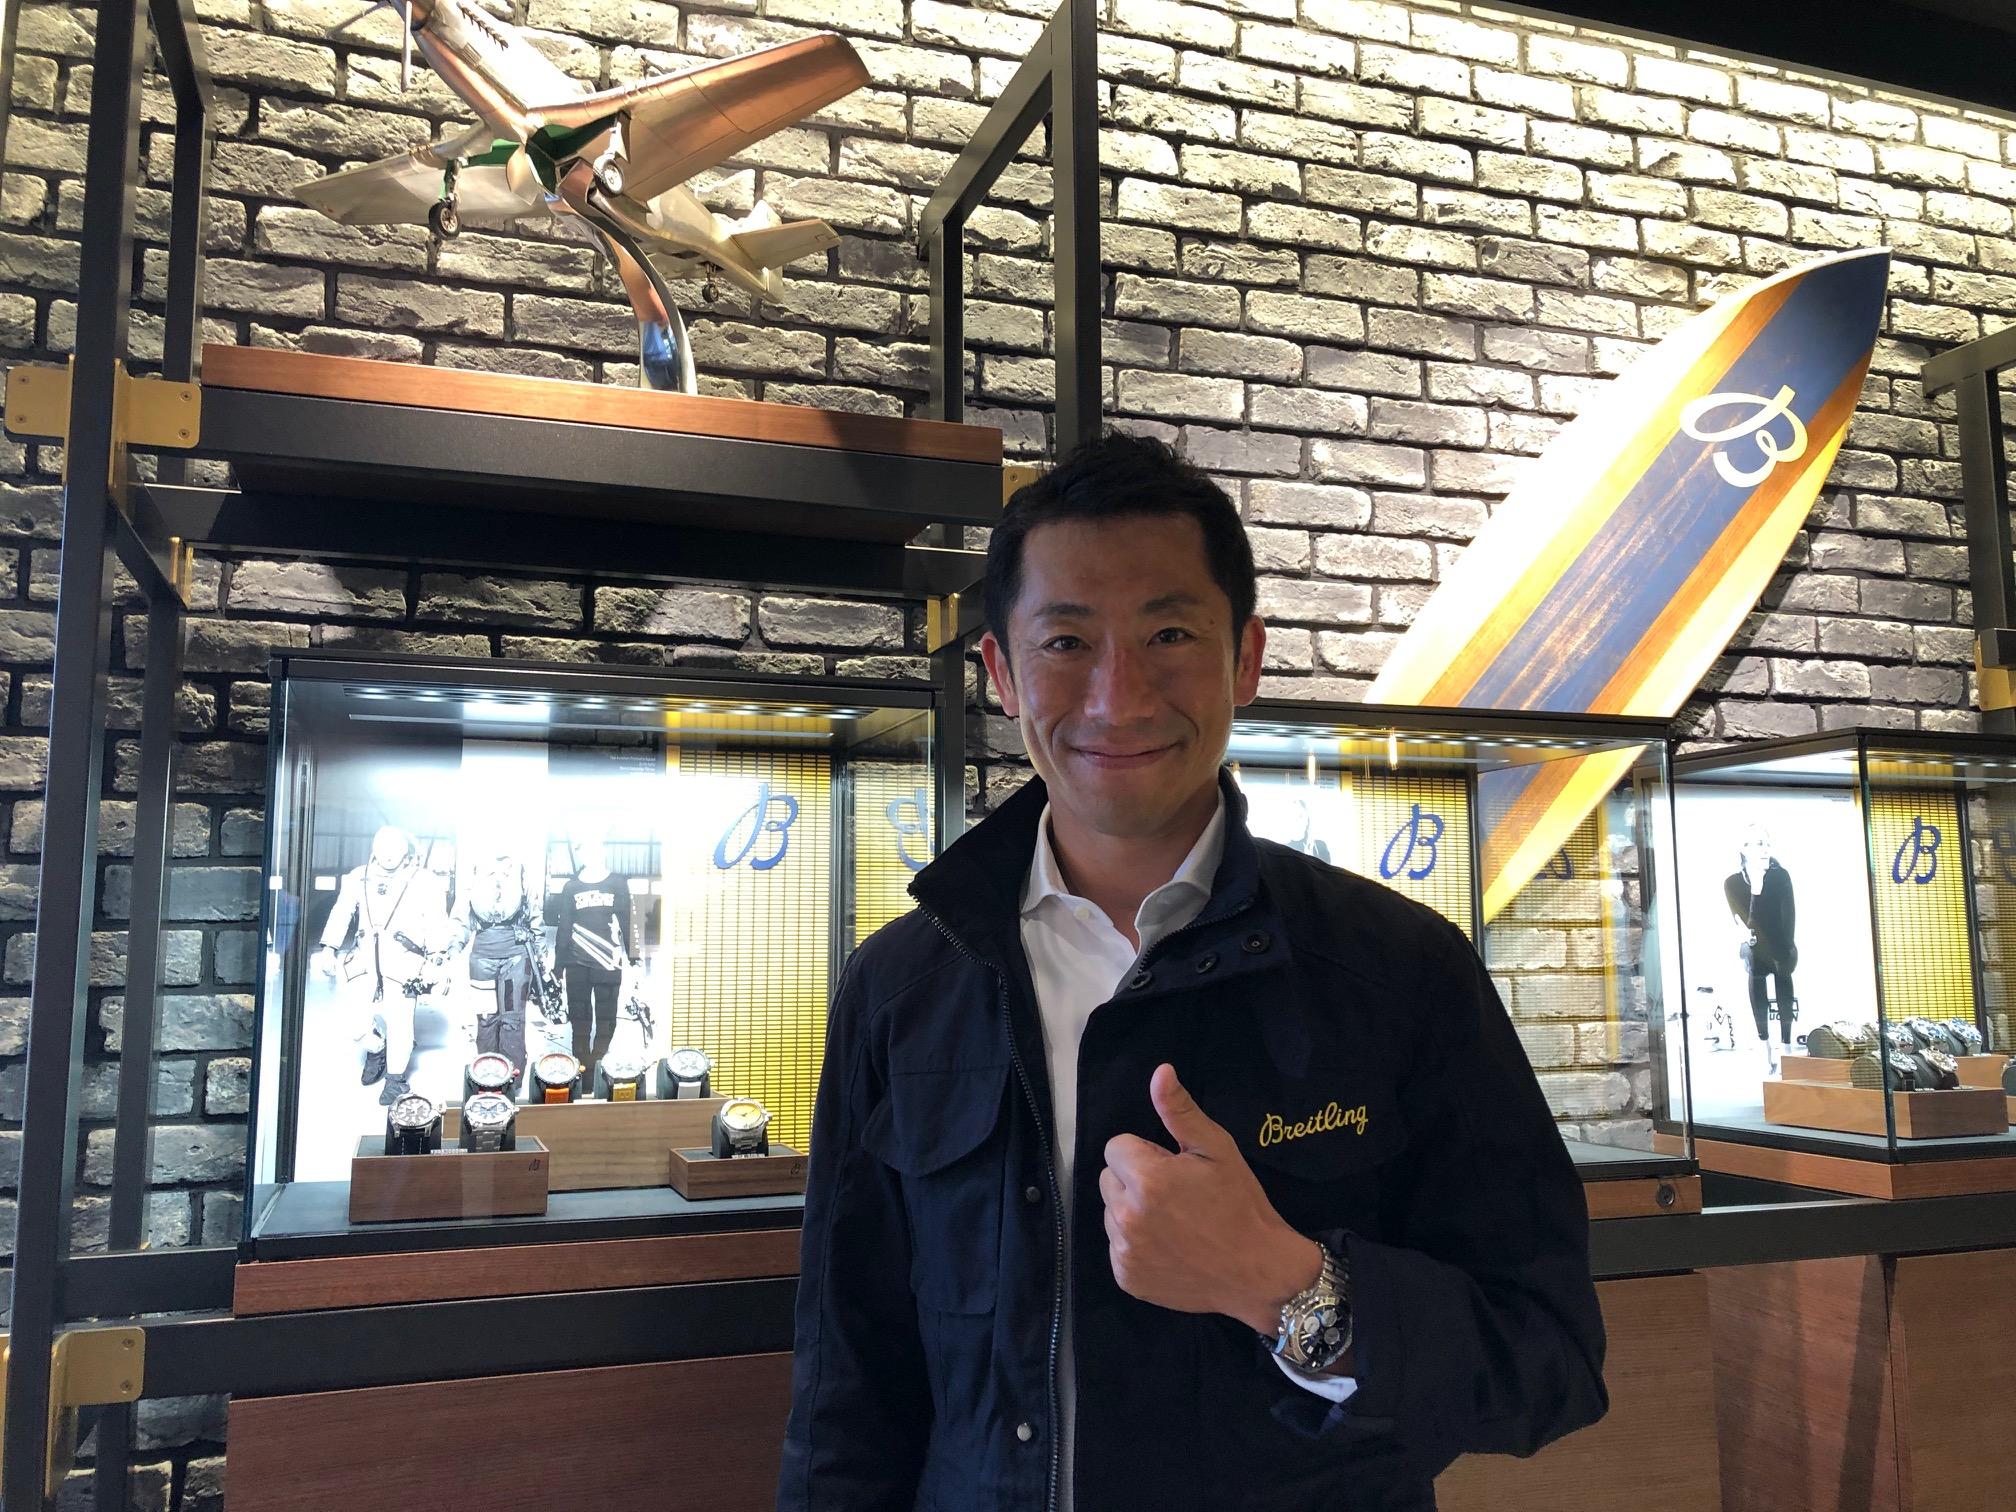 3年ぶりの新生エアレース復活に向け… 福島市在住のエアレースパイロット室屋義秀選手が意気込みを新たに。時計へのこだわりも披露!?